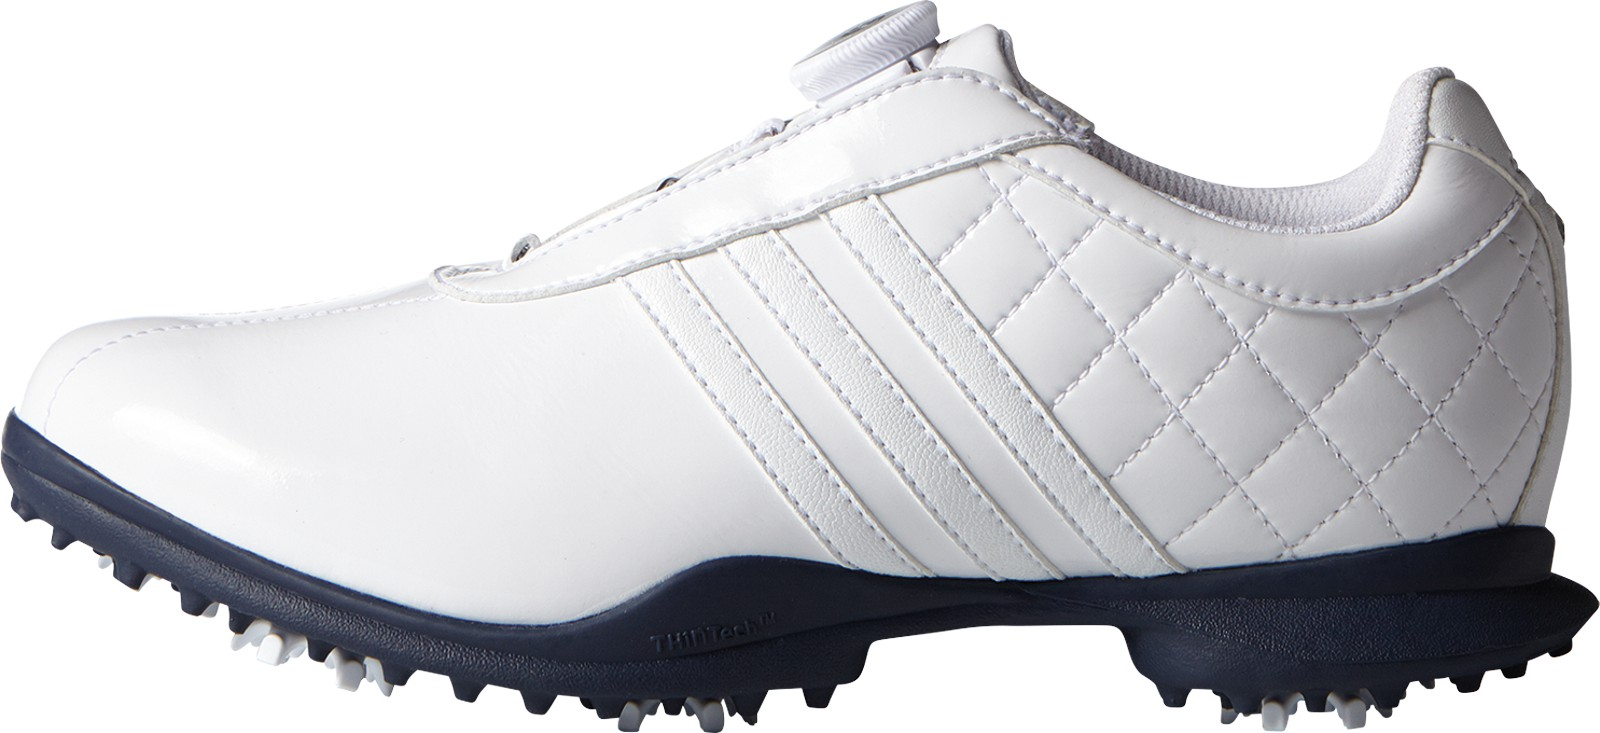 Adidas Driver BOA dámské boty, bílé bílá, standardní, 7,5